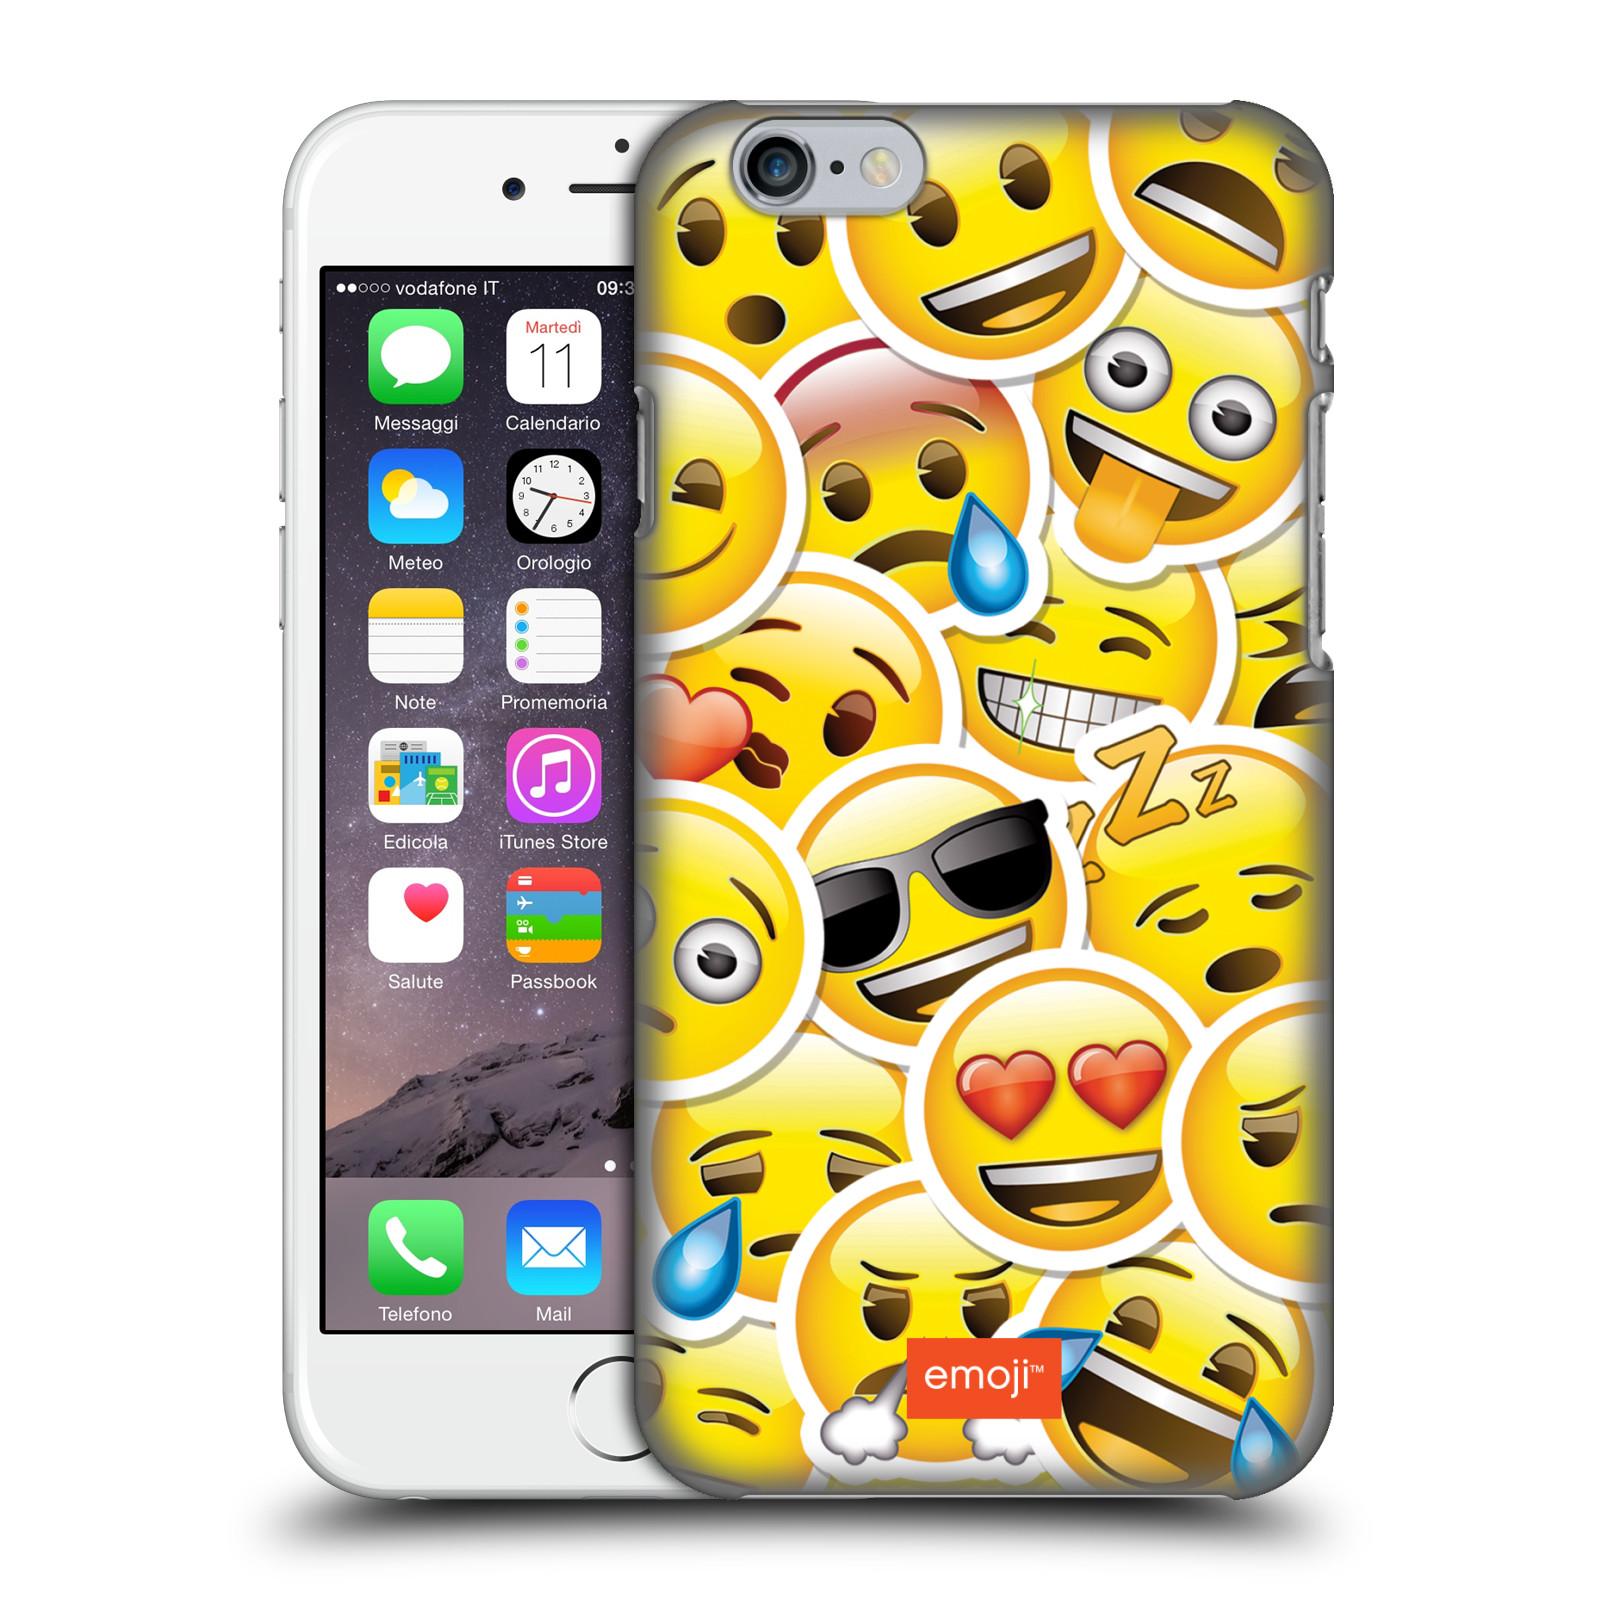 Plastové pouzdro na mobil Apple iPhone 6 HEAD CASE EMOJI - Velcí smajlíci ZZ